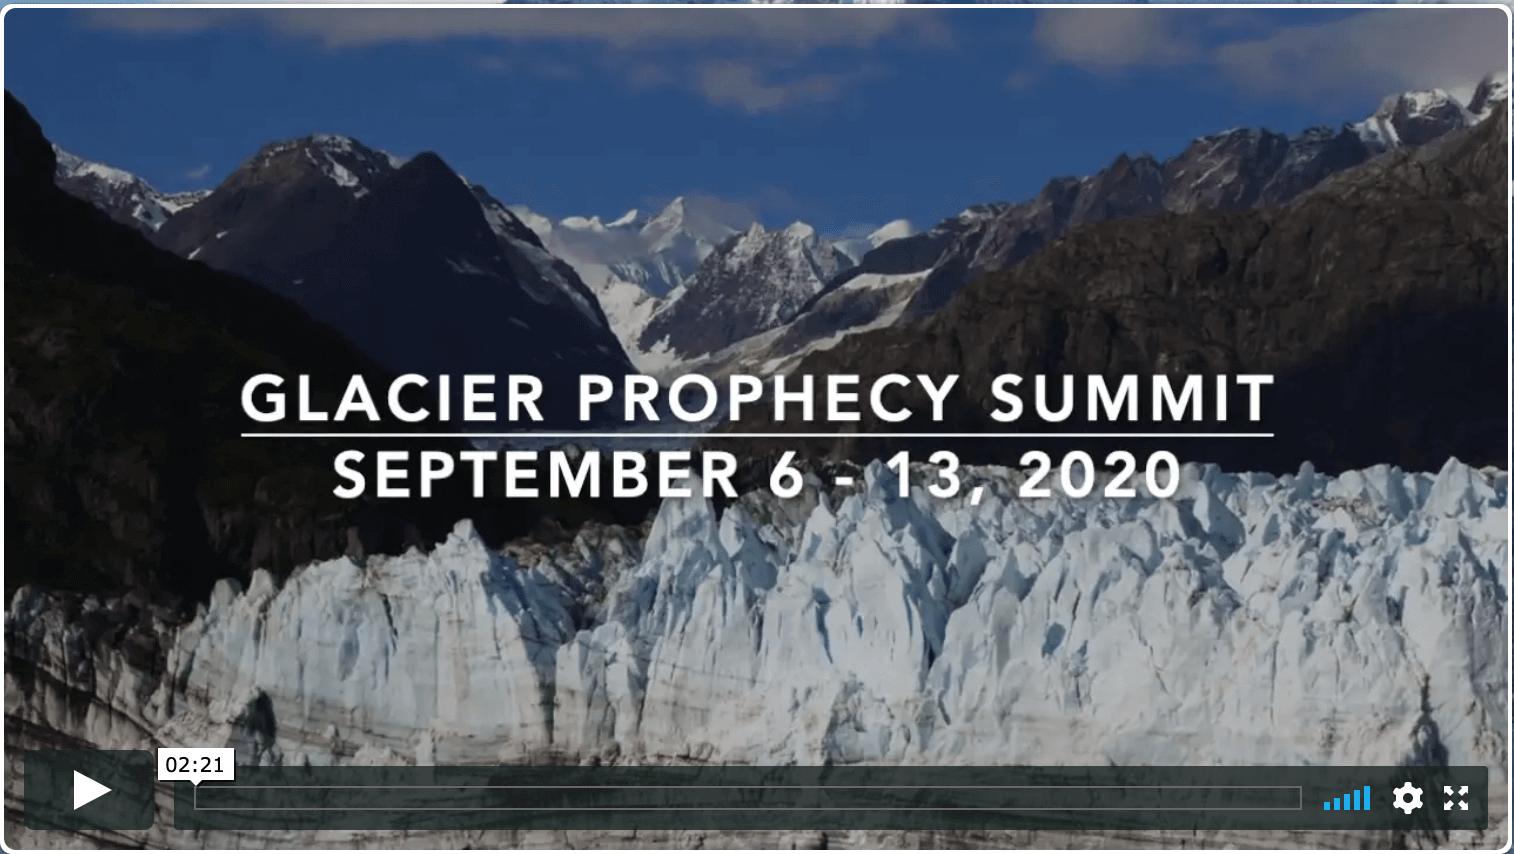 Alaska Cruise - Glacier Prophecy Summit